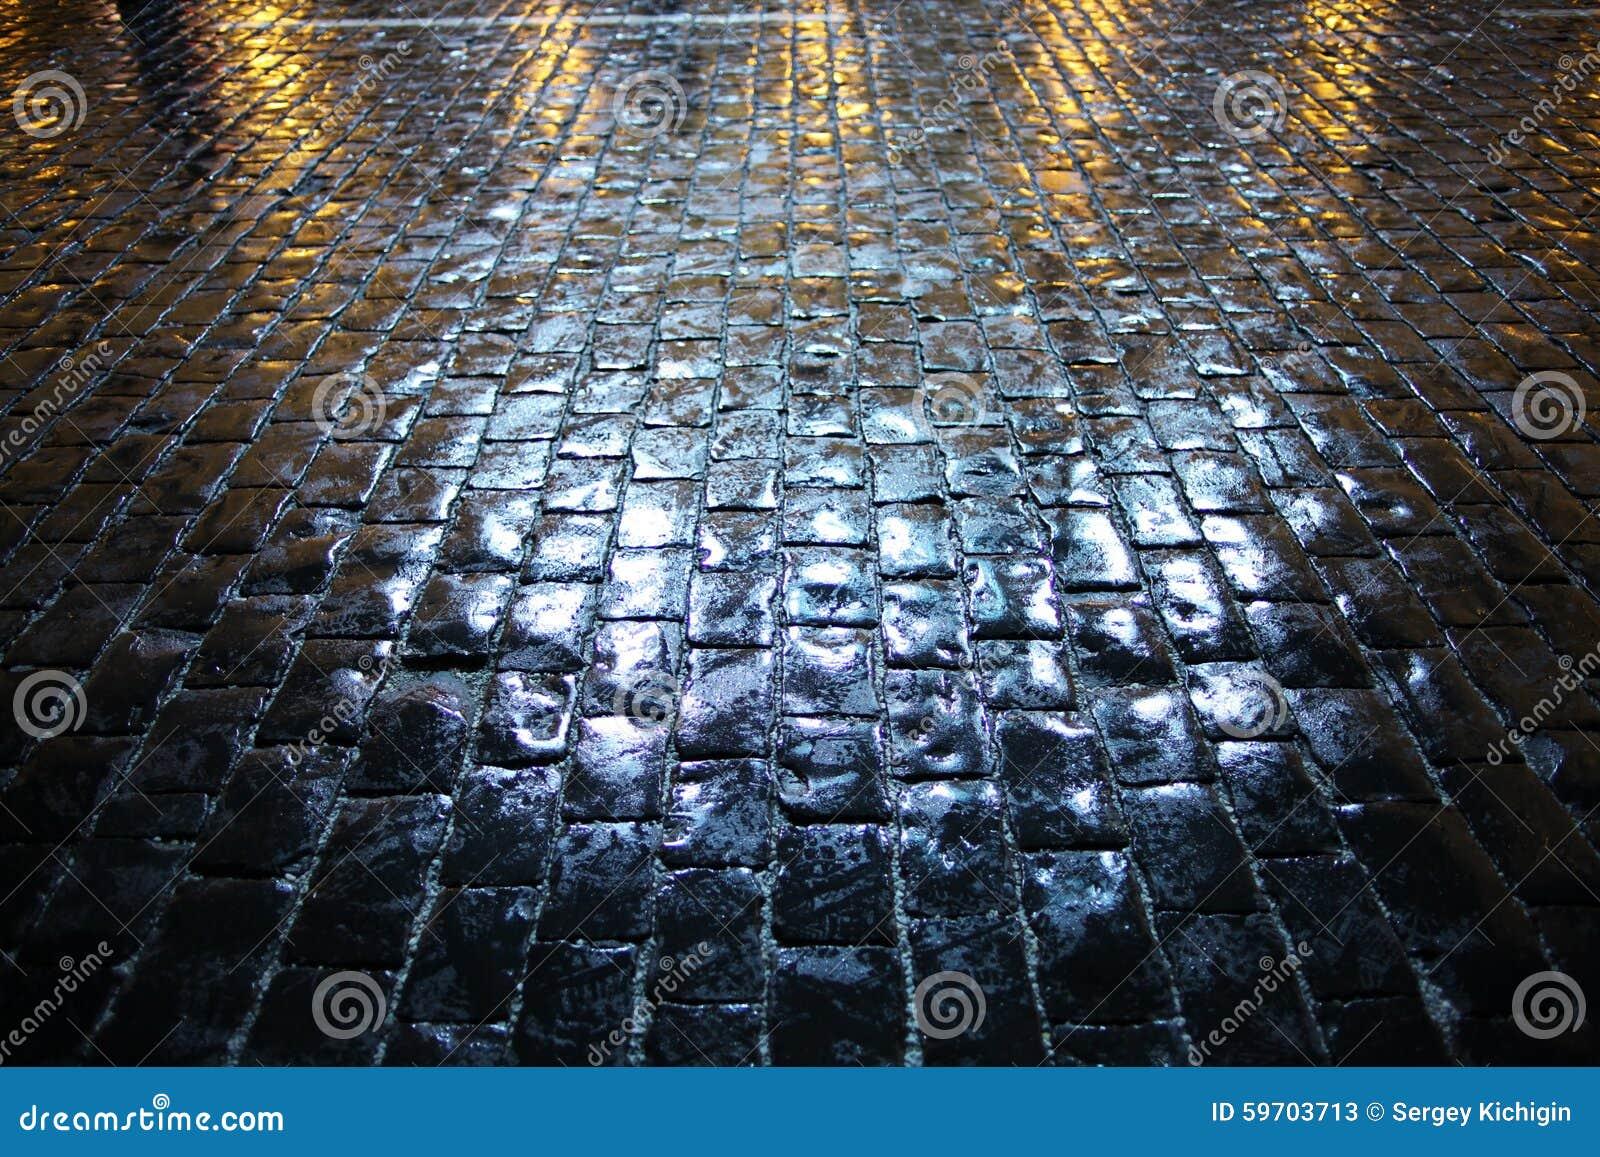 Fußboden Fliesen Zum Glänzen Bringen ~ Glänzende fliese der beschaffenheit stockbild bild von fußboden